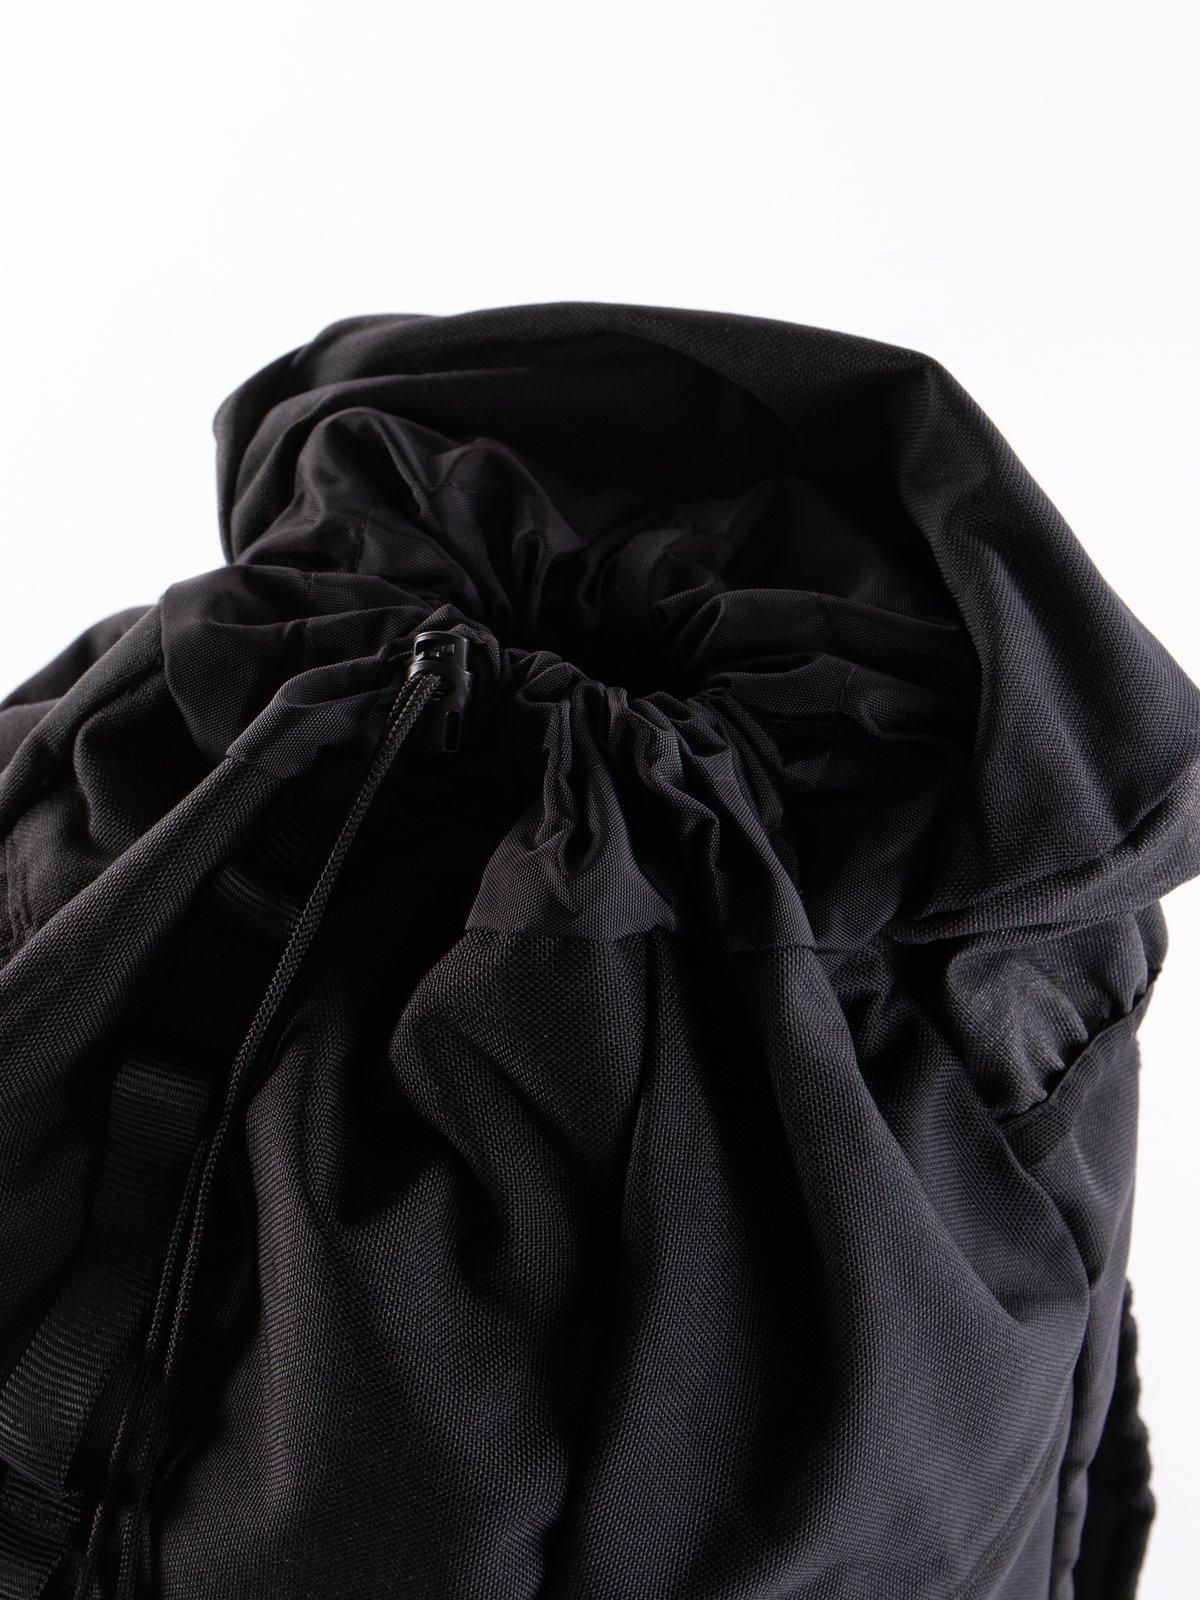 Mil–Spec Black Large Climb Pack - Image 5